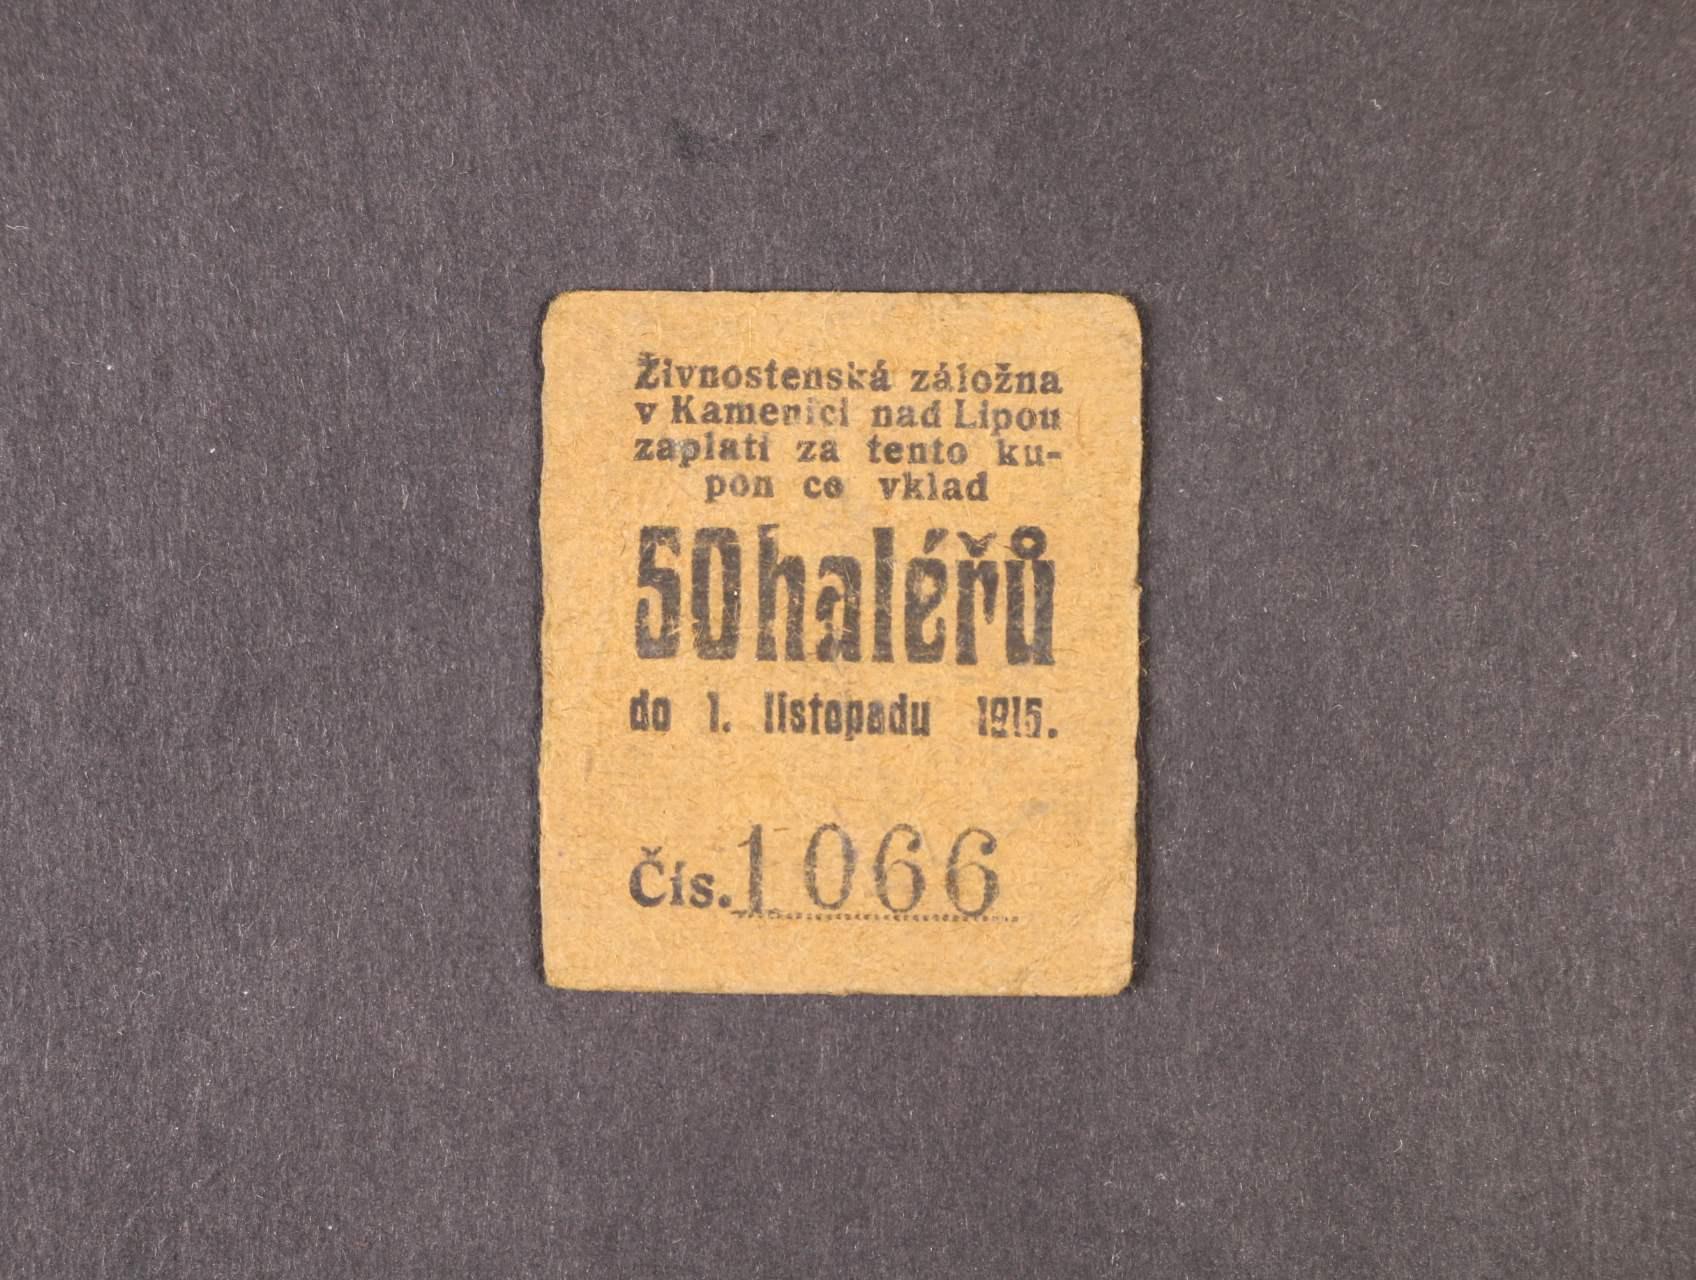 Kamenice nad Lipou, 50 h 1.11.1915 Živnostenská záložna, D.H. 91.1.3b